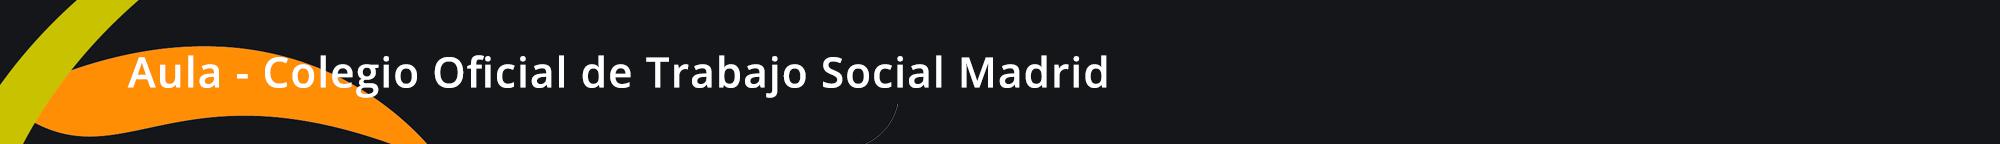 Colegio Oficial de Trabajo Social de Madrid